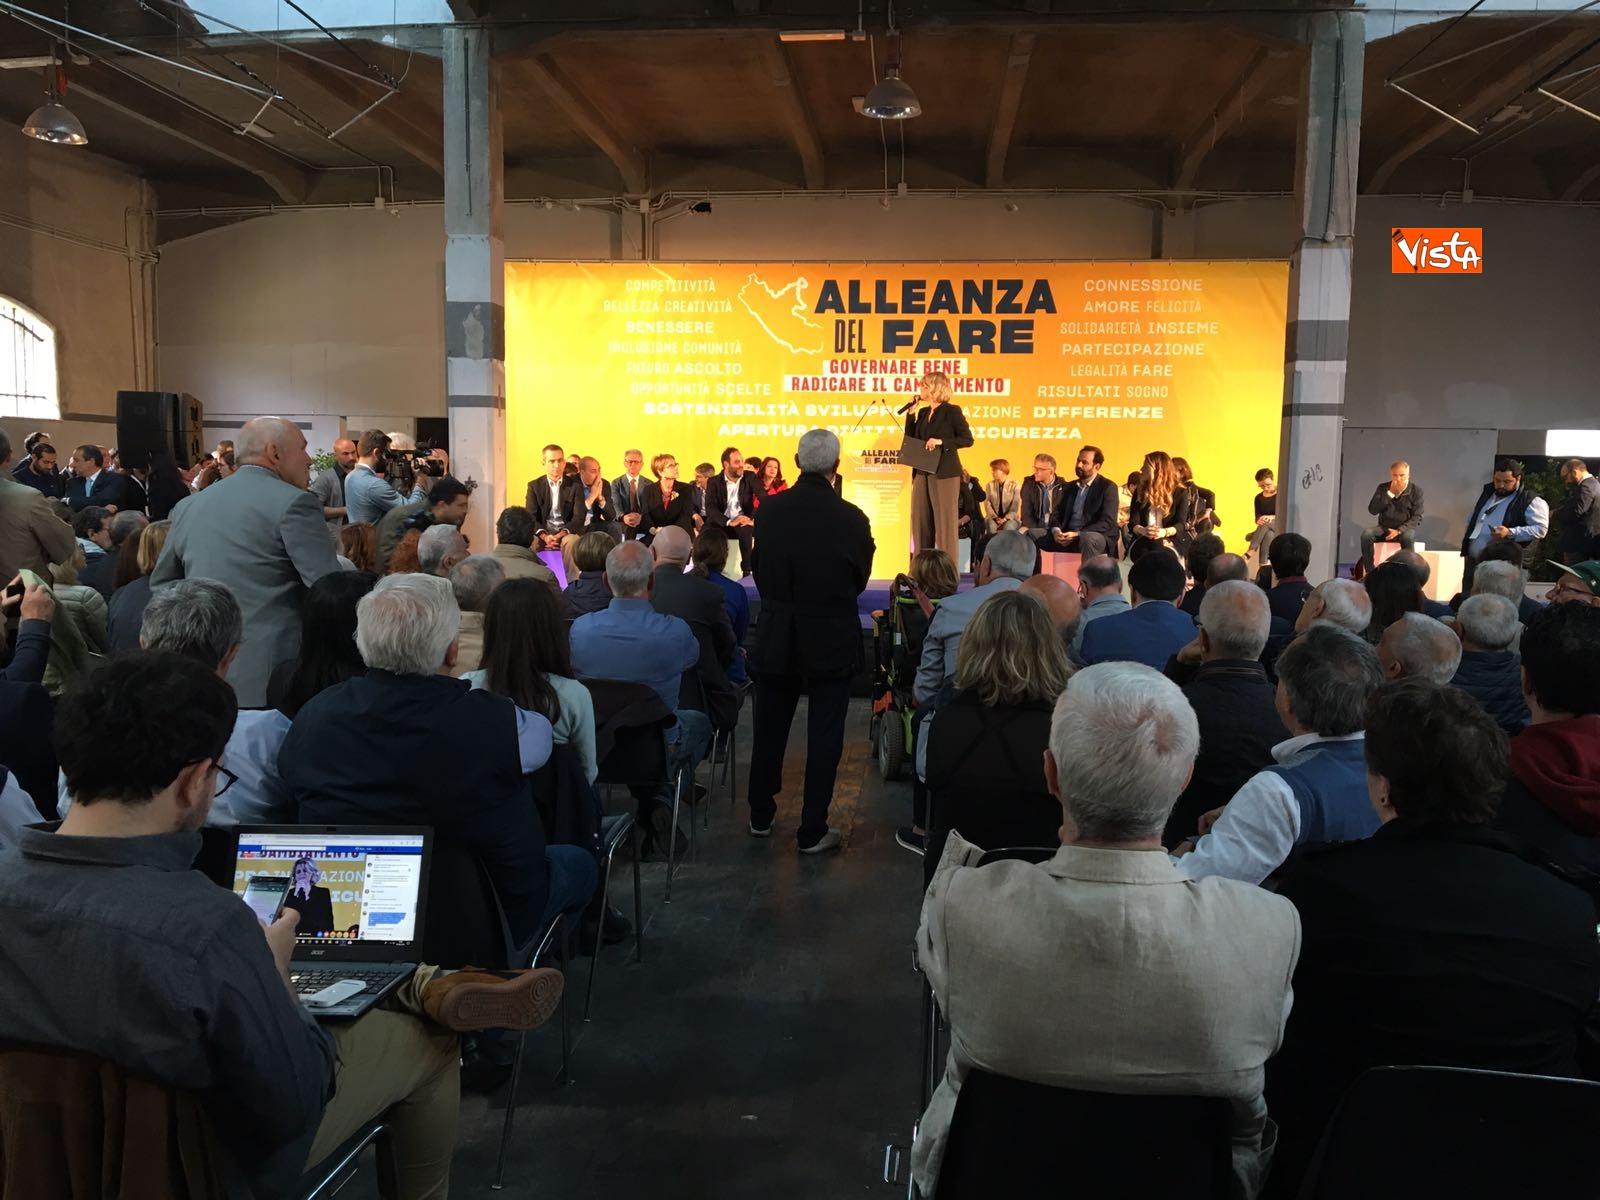 Zingaretti lancia l Alleanza del fare in vista delle amministrative del 10 giugno 4